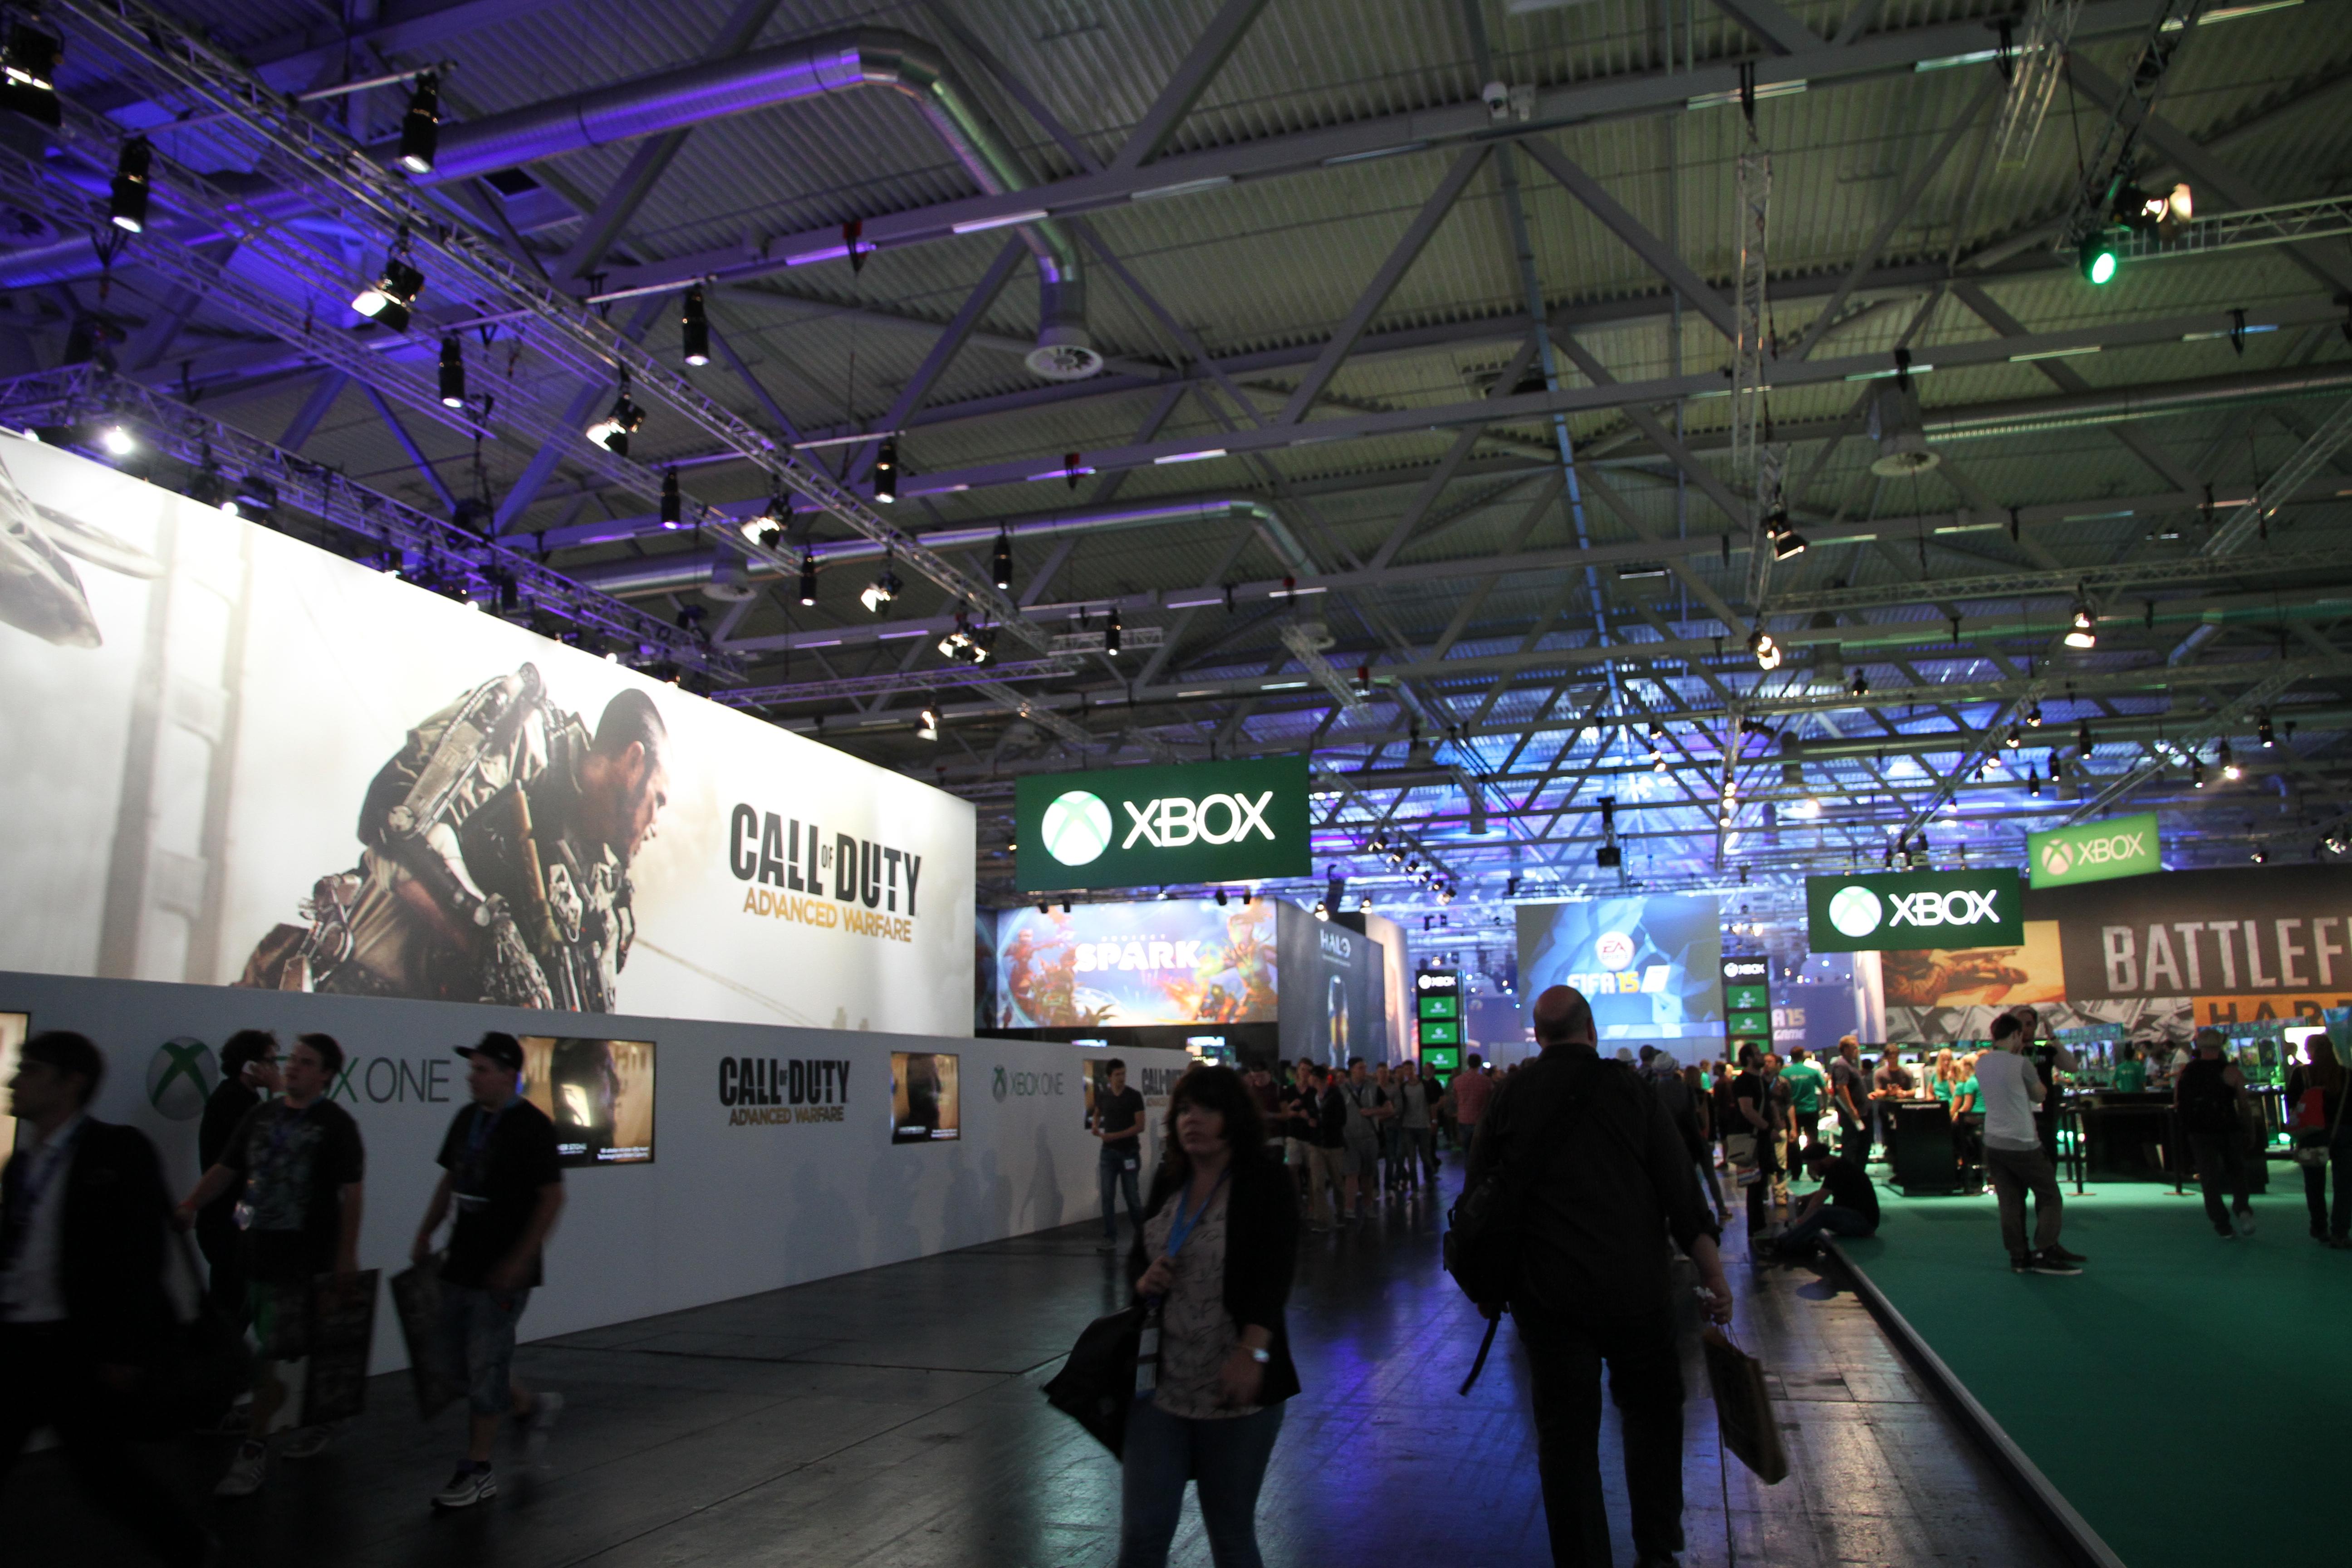 Comprometidas las cuentas de Twitch de Xbox y PlayStation